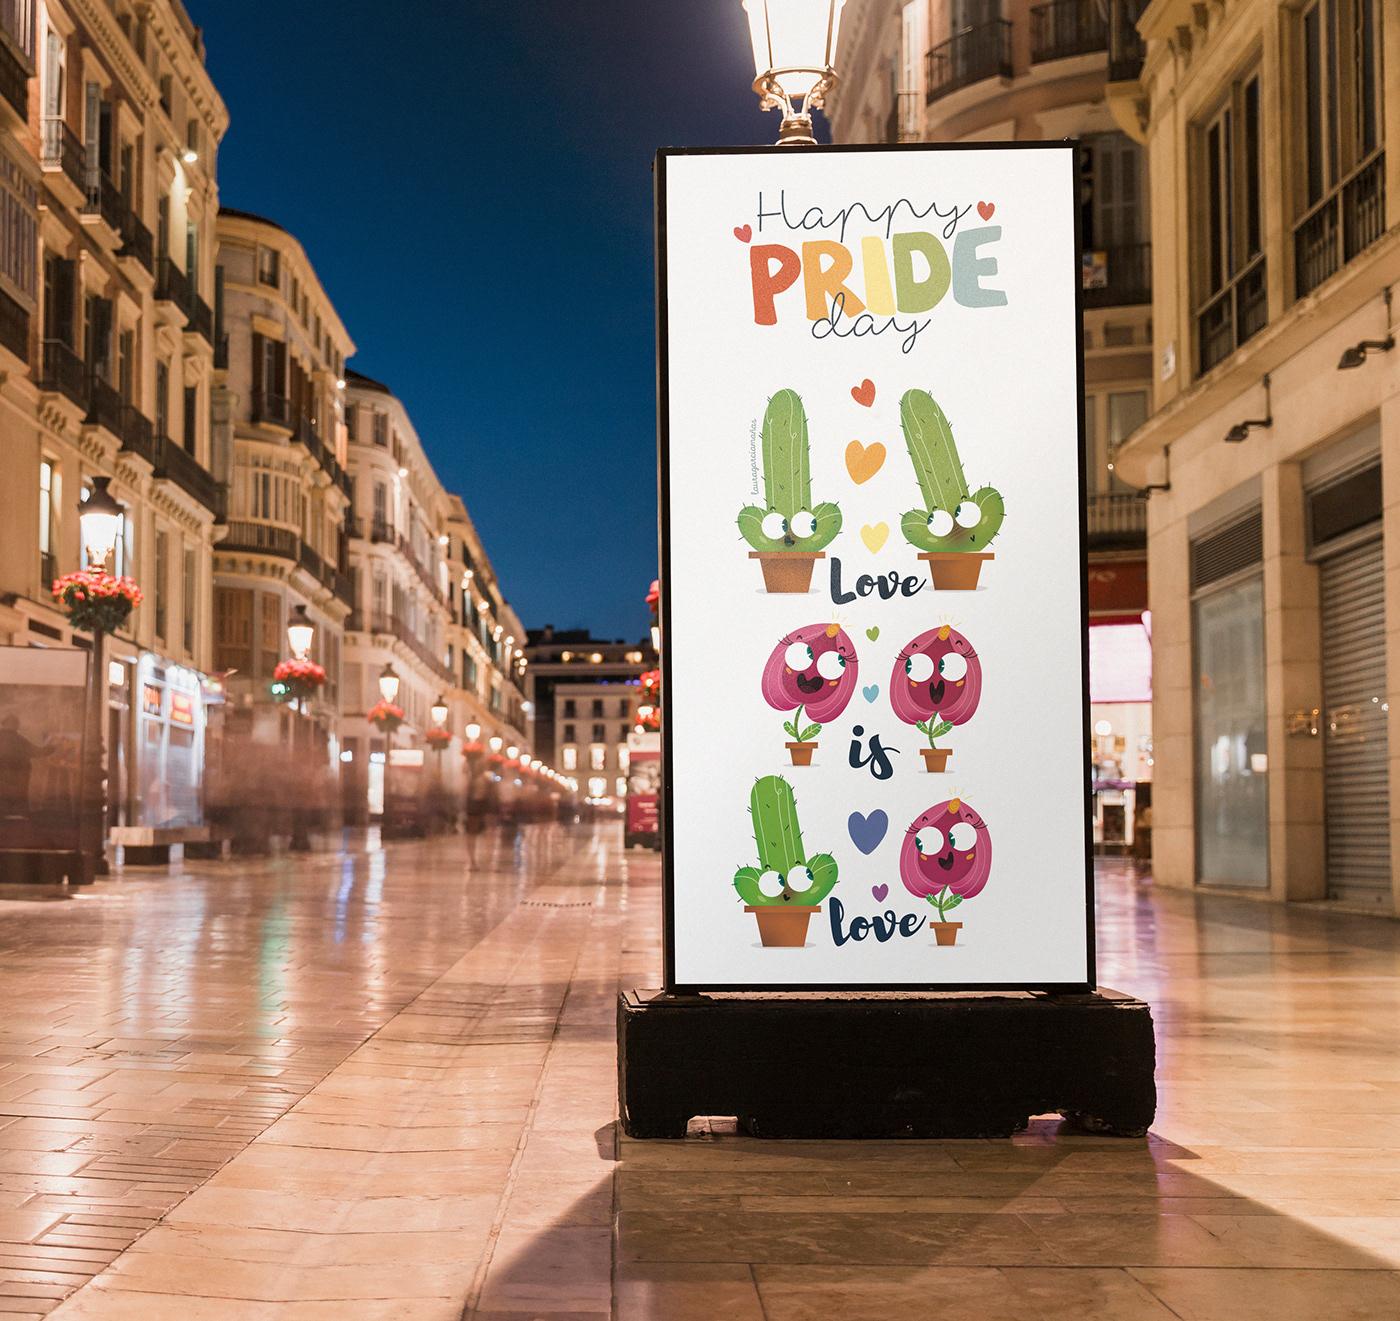 gay ilustracion pride cactus flor